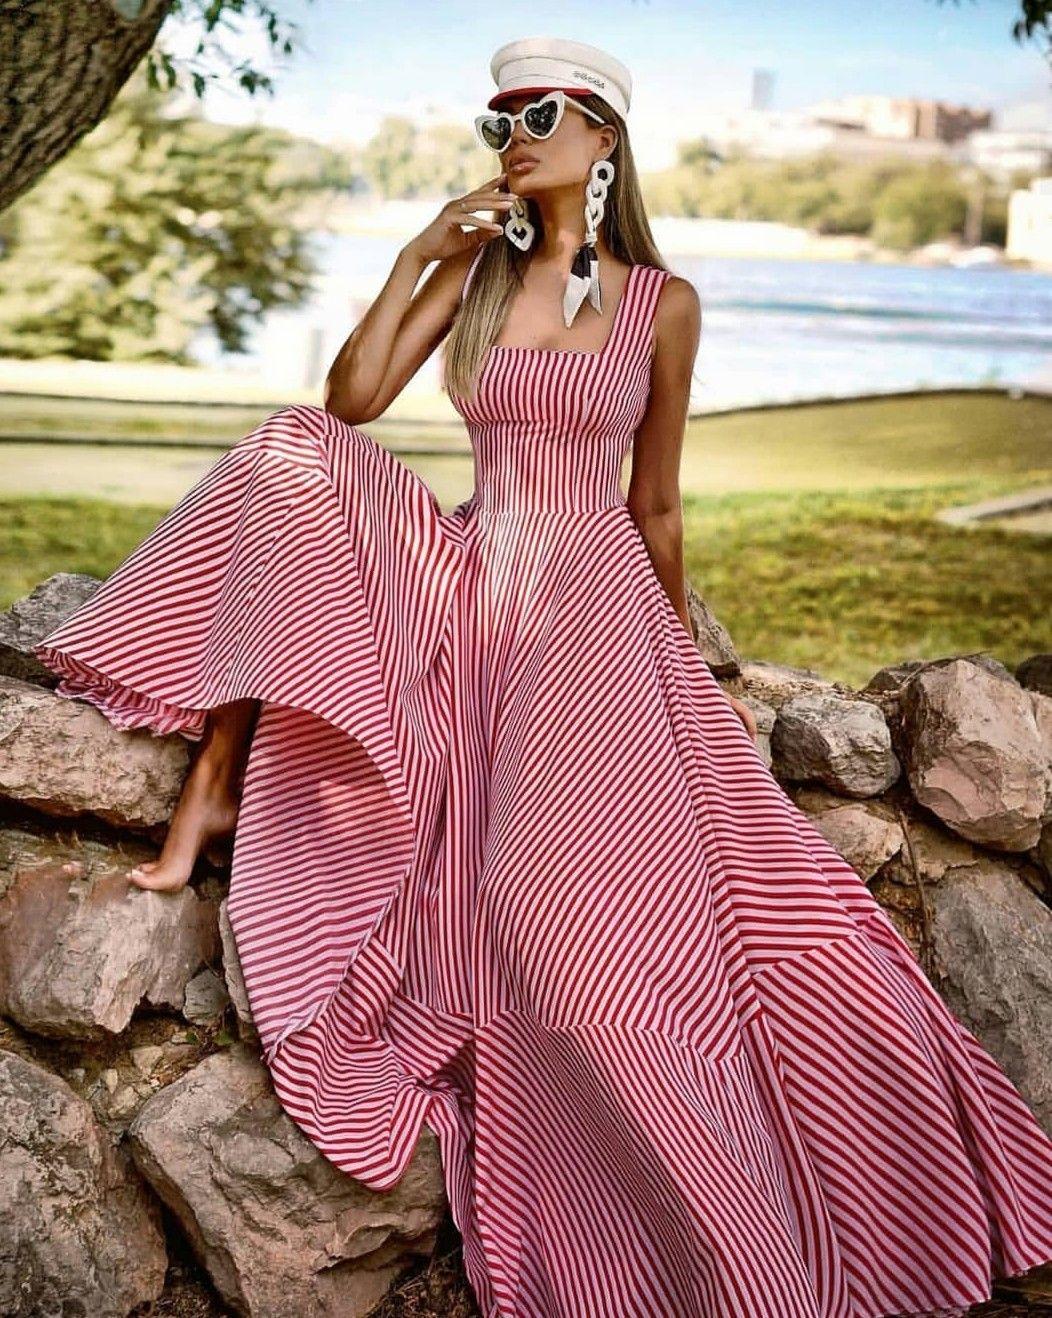 Pin On Women S Fashion [ 1318 x 1052 Pixel ]